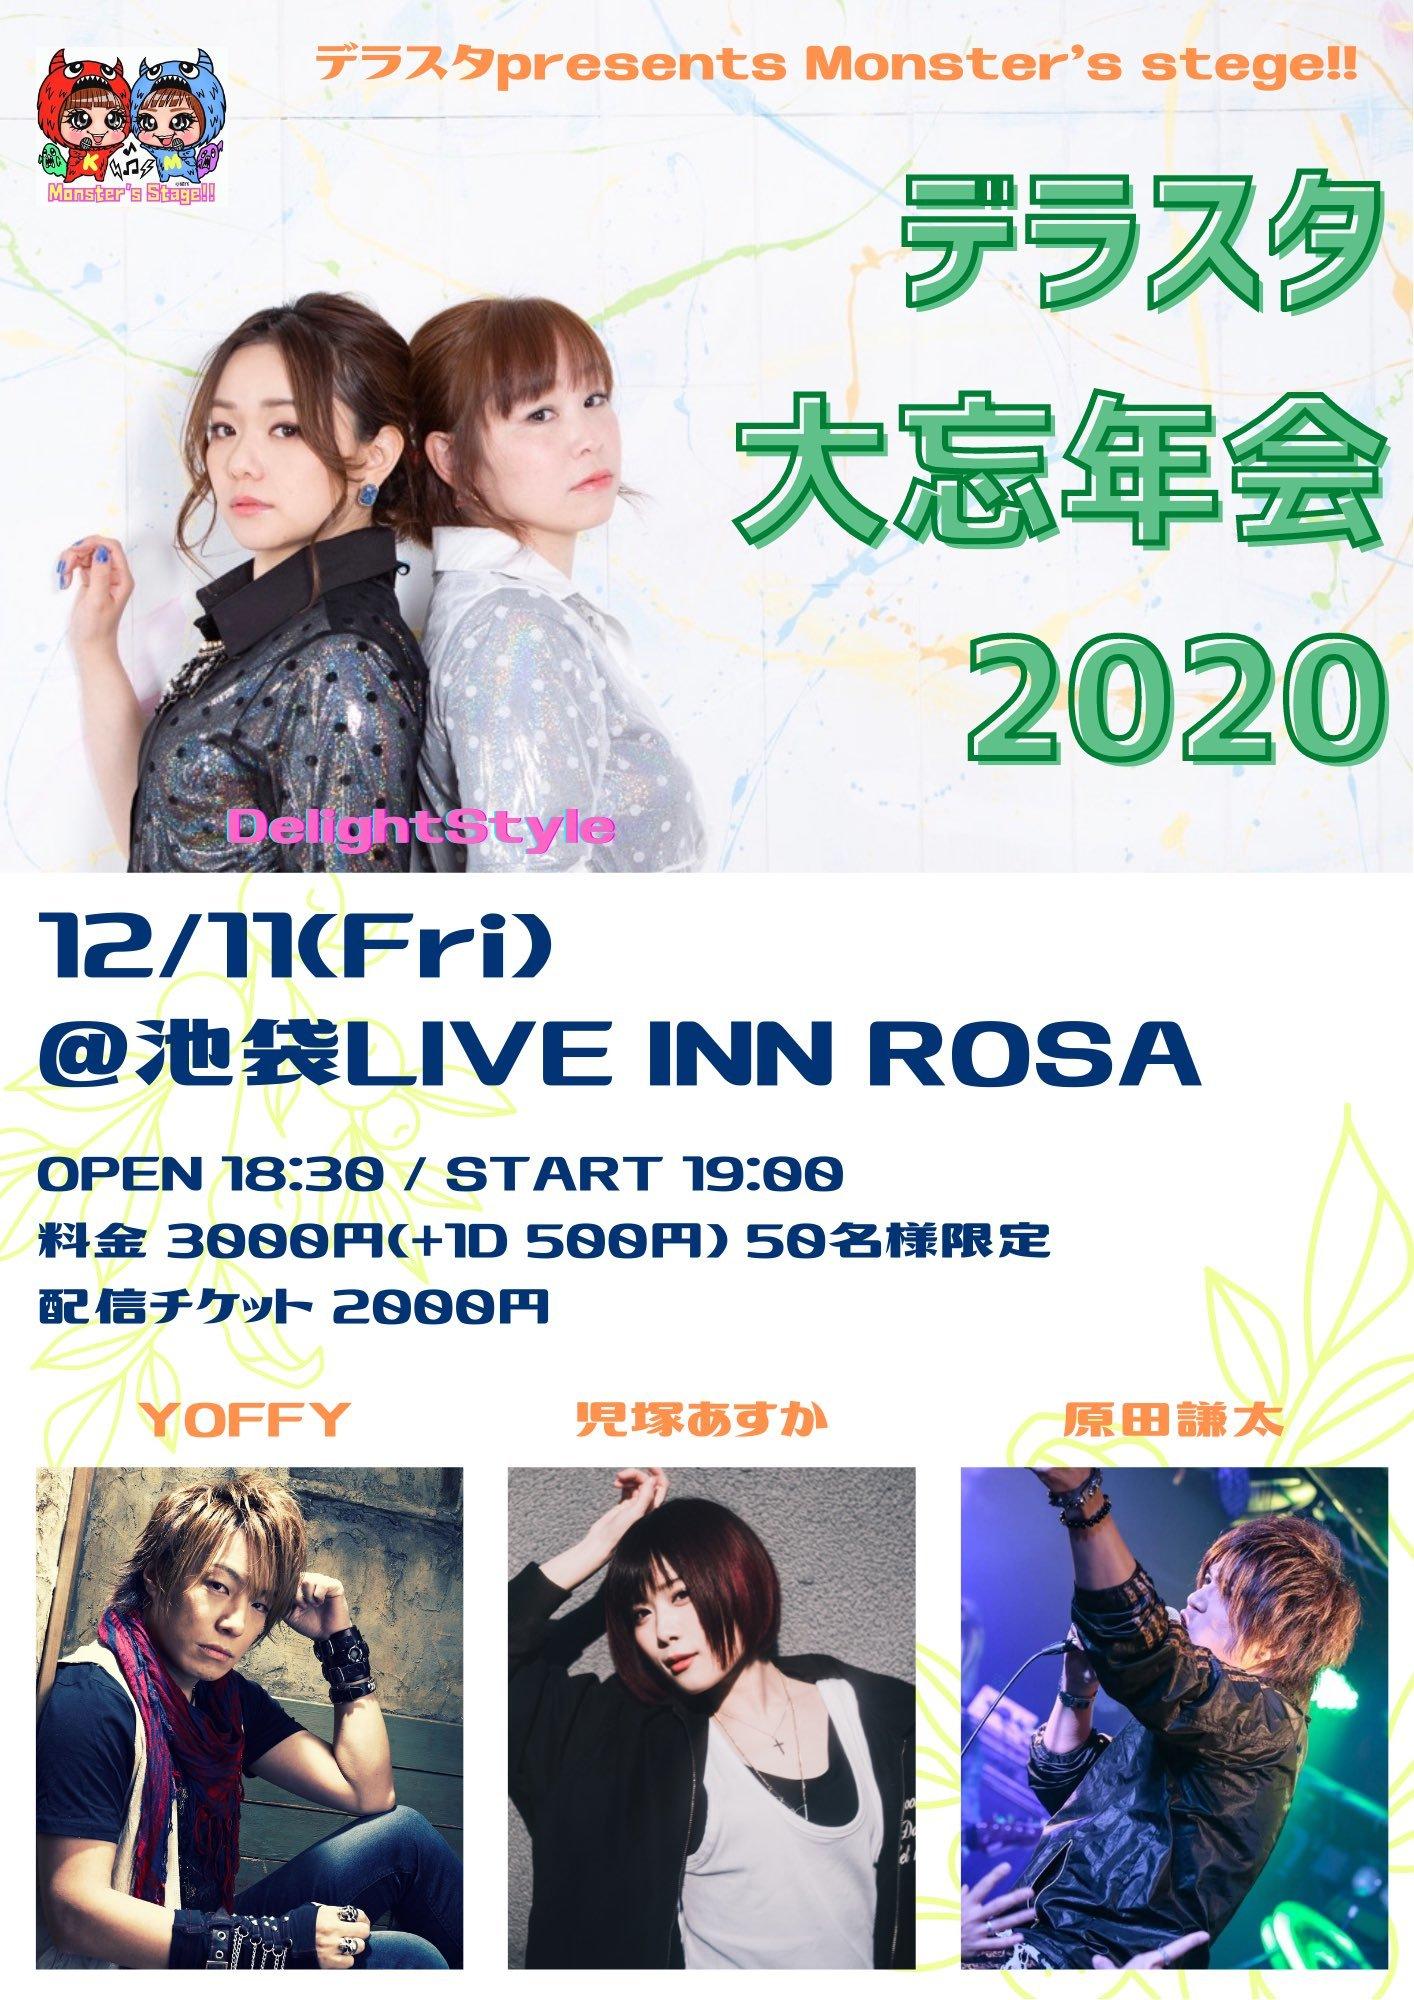 12/11『デラスタ大忘年会2020』YOFFY ゲスト出演決定_e0115242_16221622.jpg